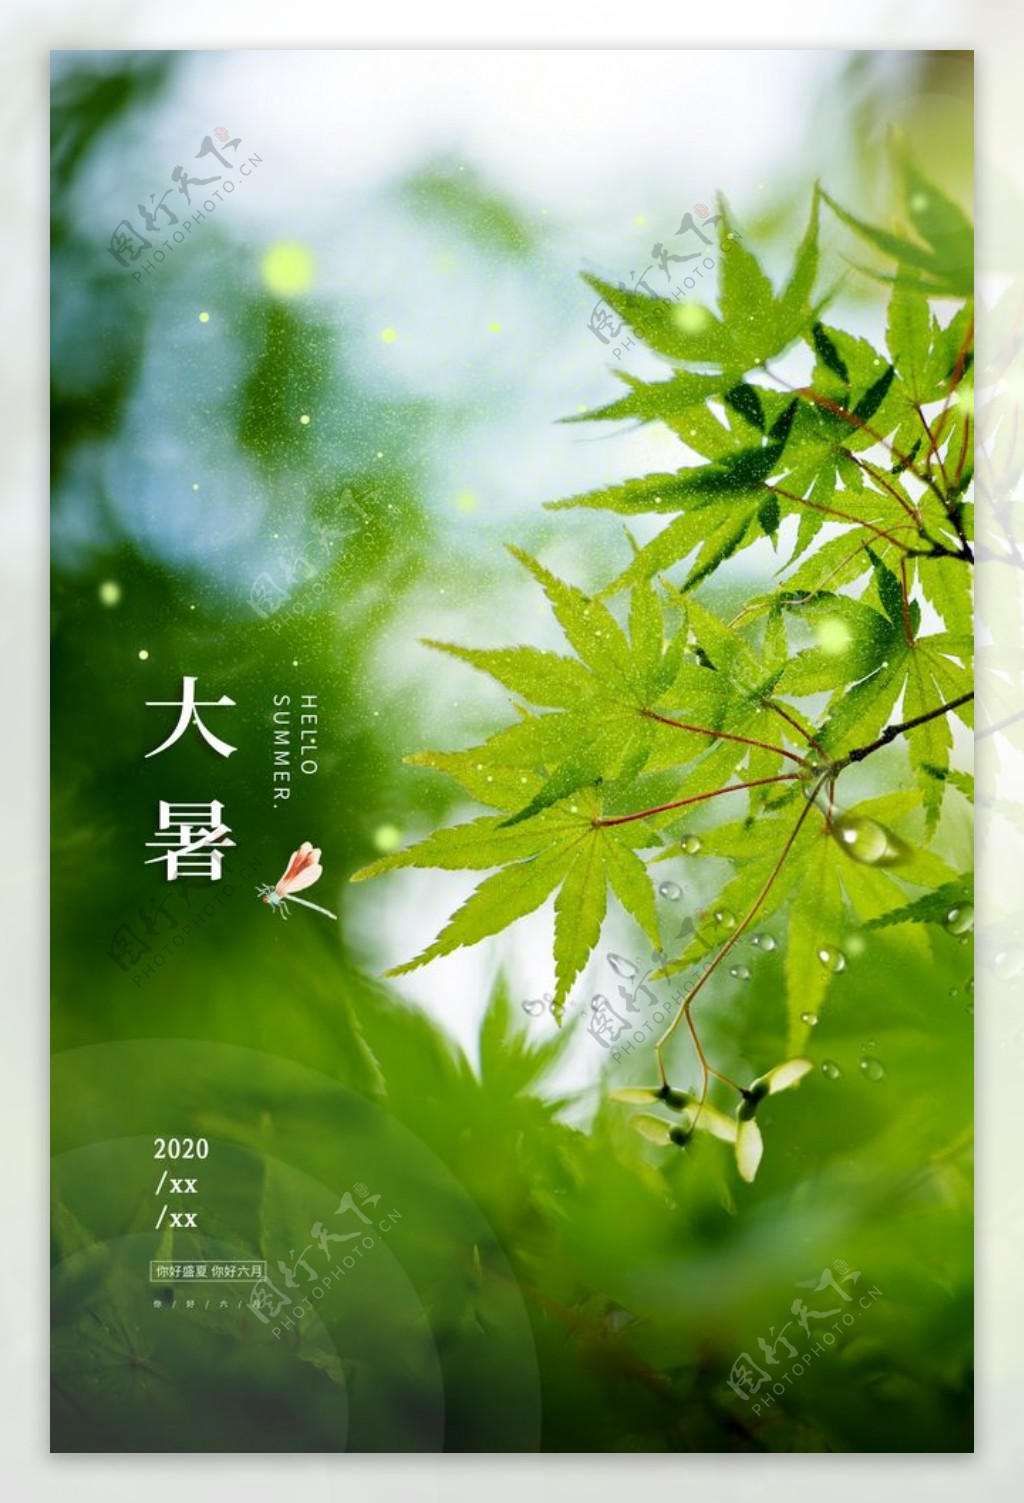 大暑传统节日活动宣传海报